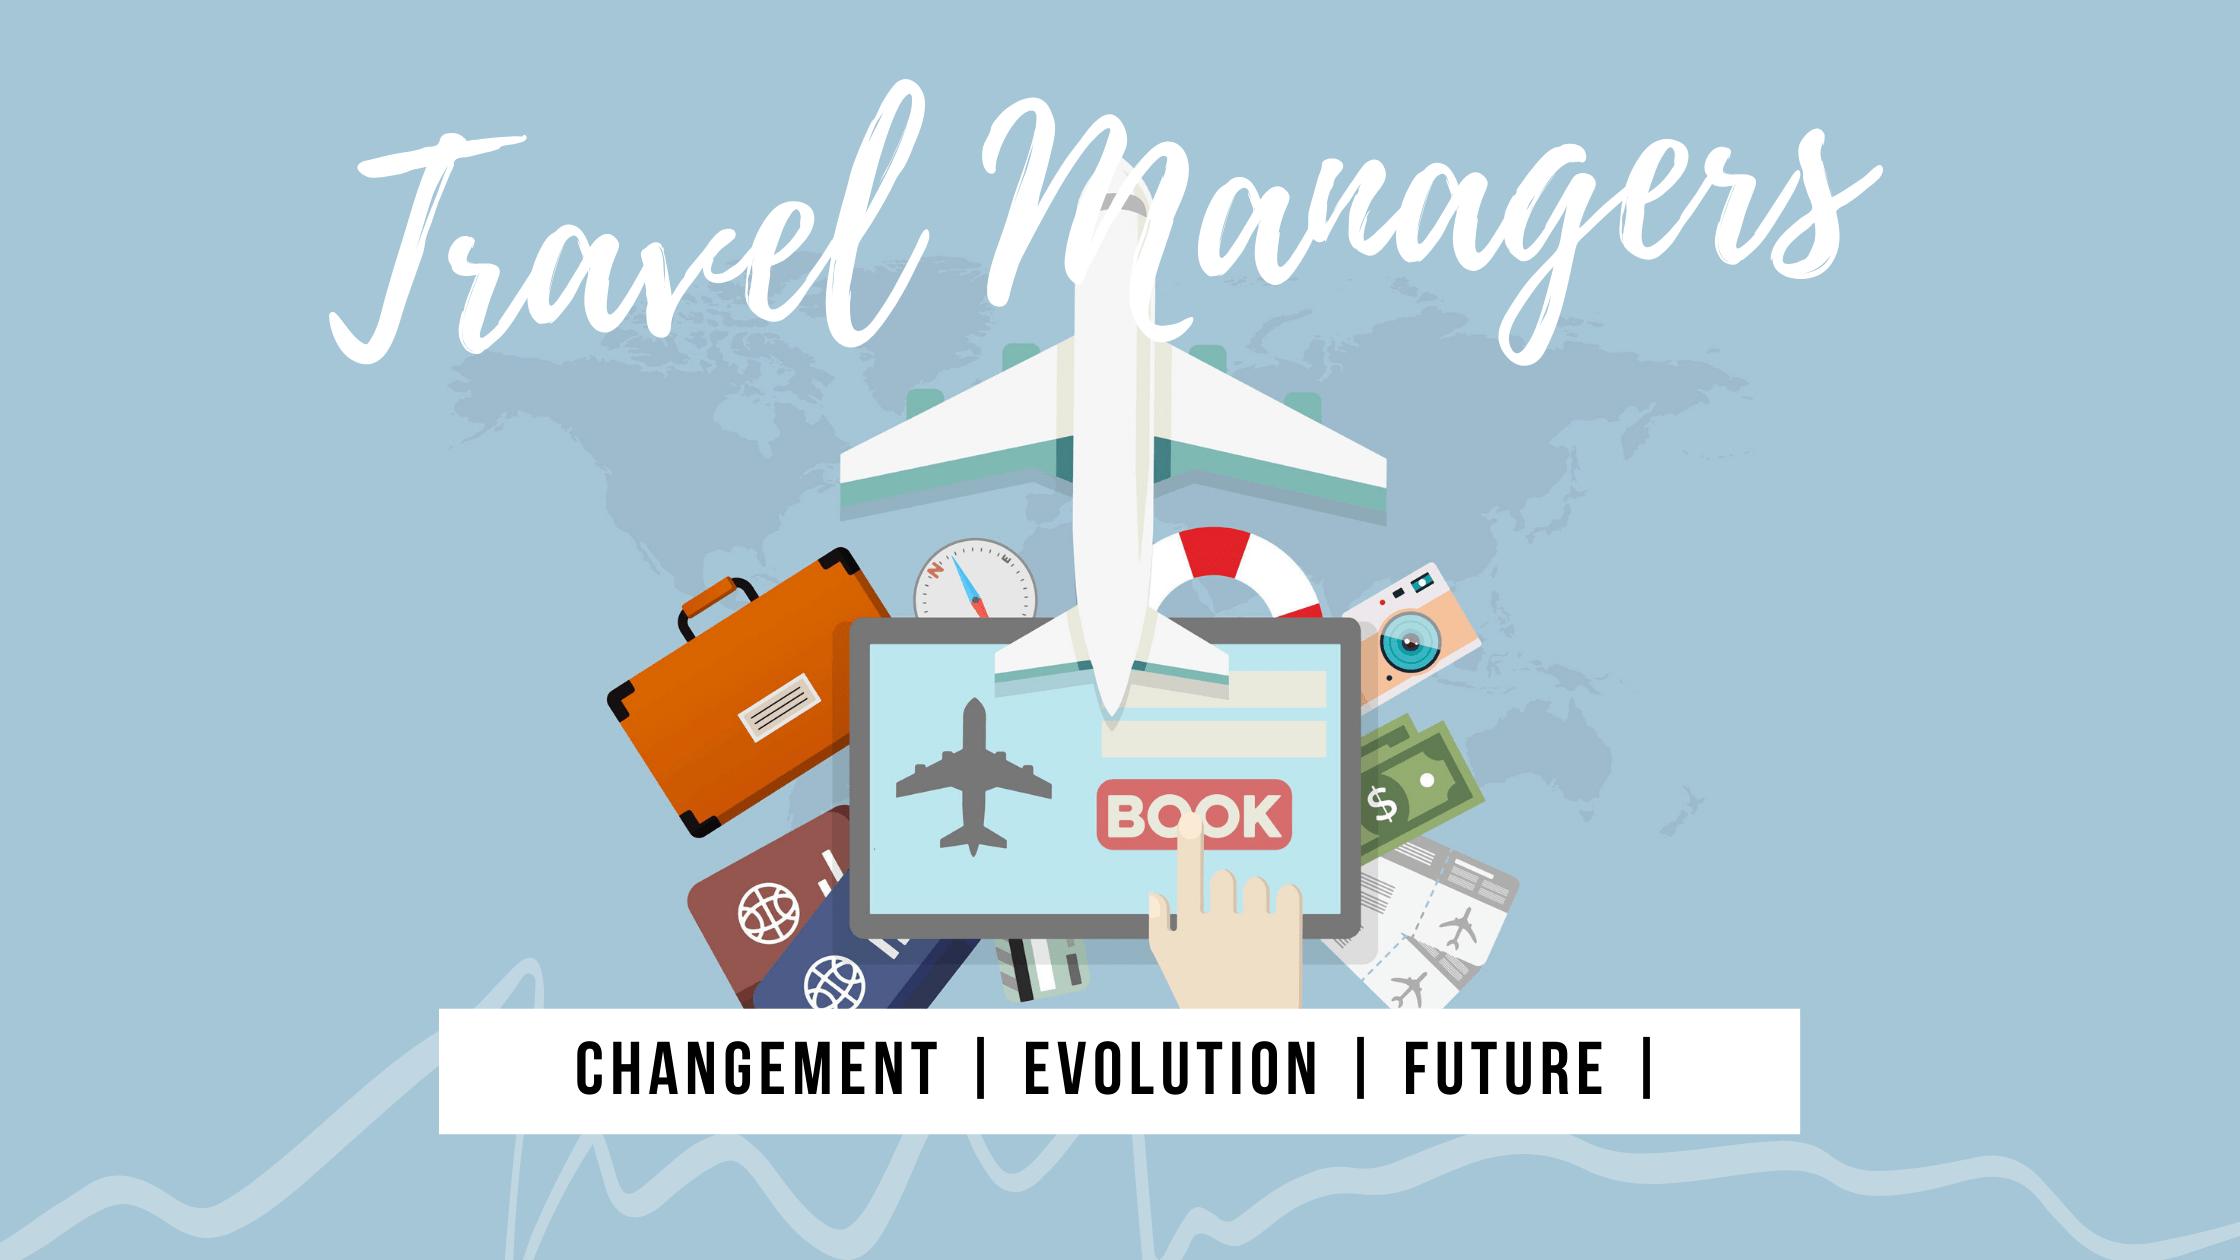 Changement du metier de travel managers